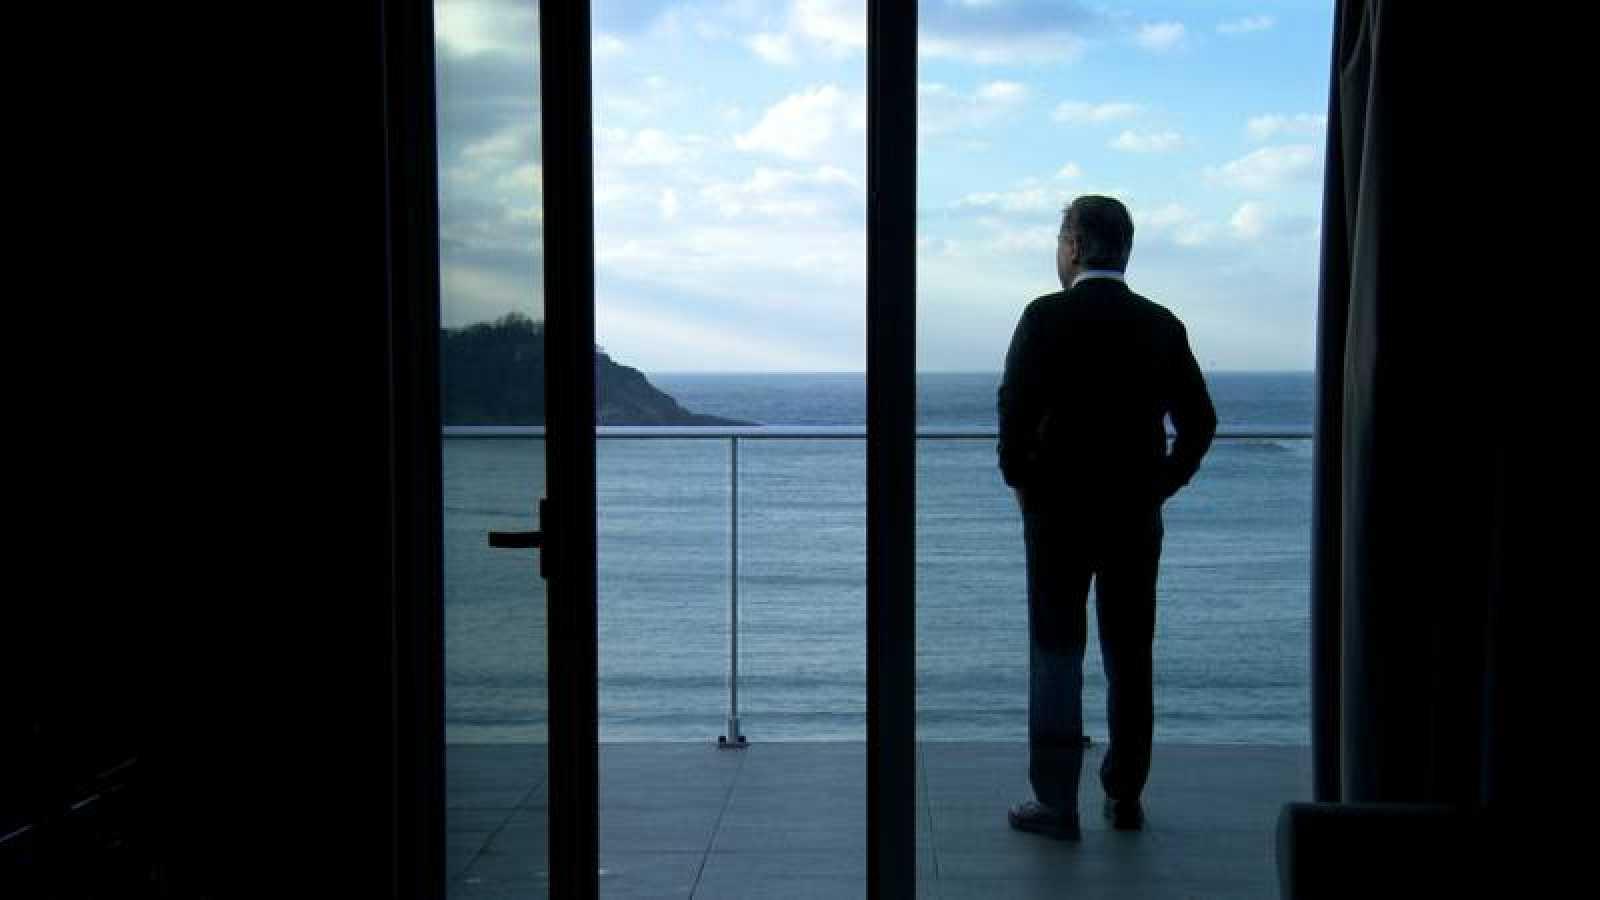 El 'Imprescindibles' sobre Iñaki Gabilondo será el primero en estrenarse en la CINETECA